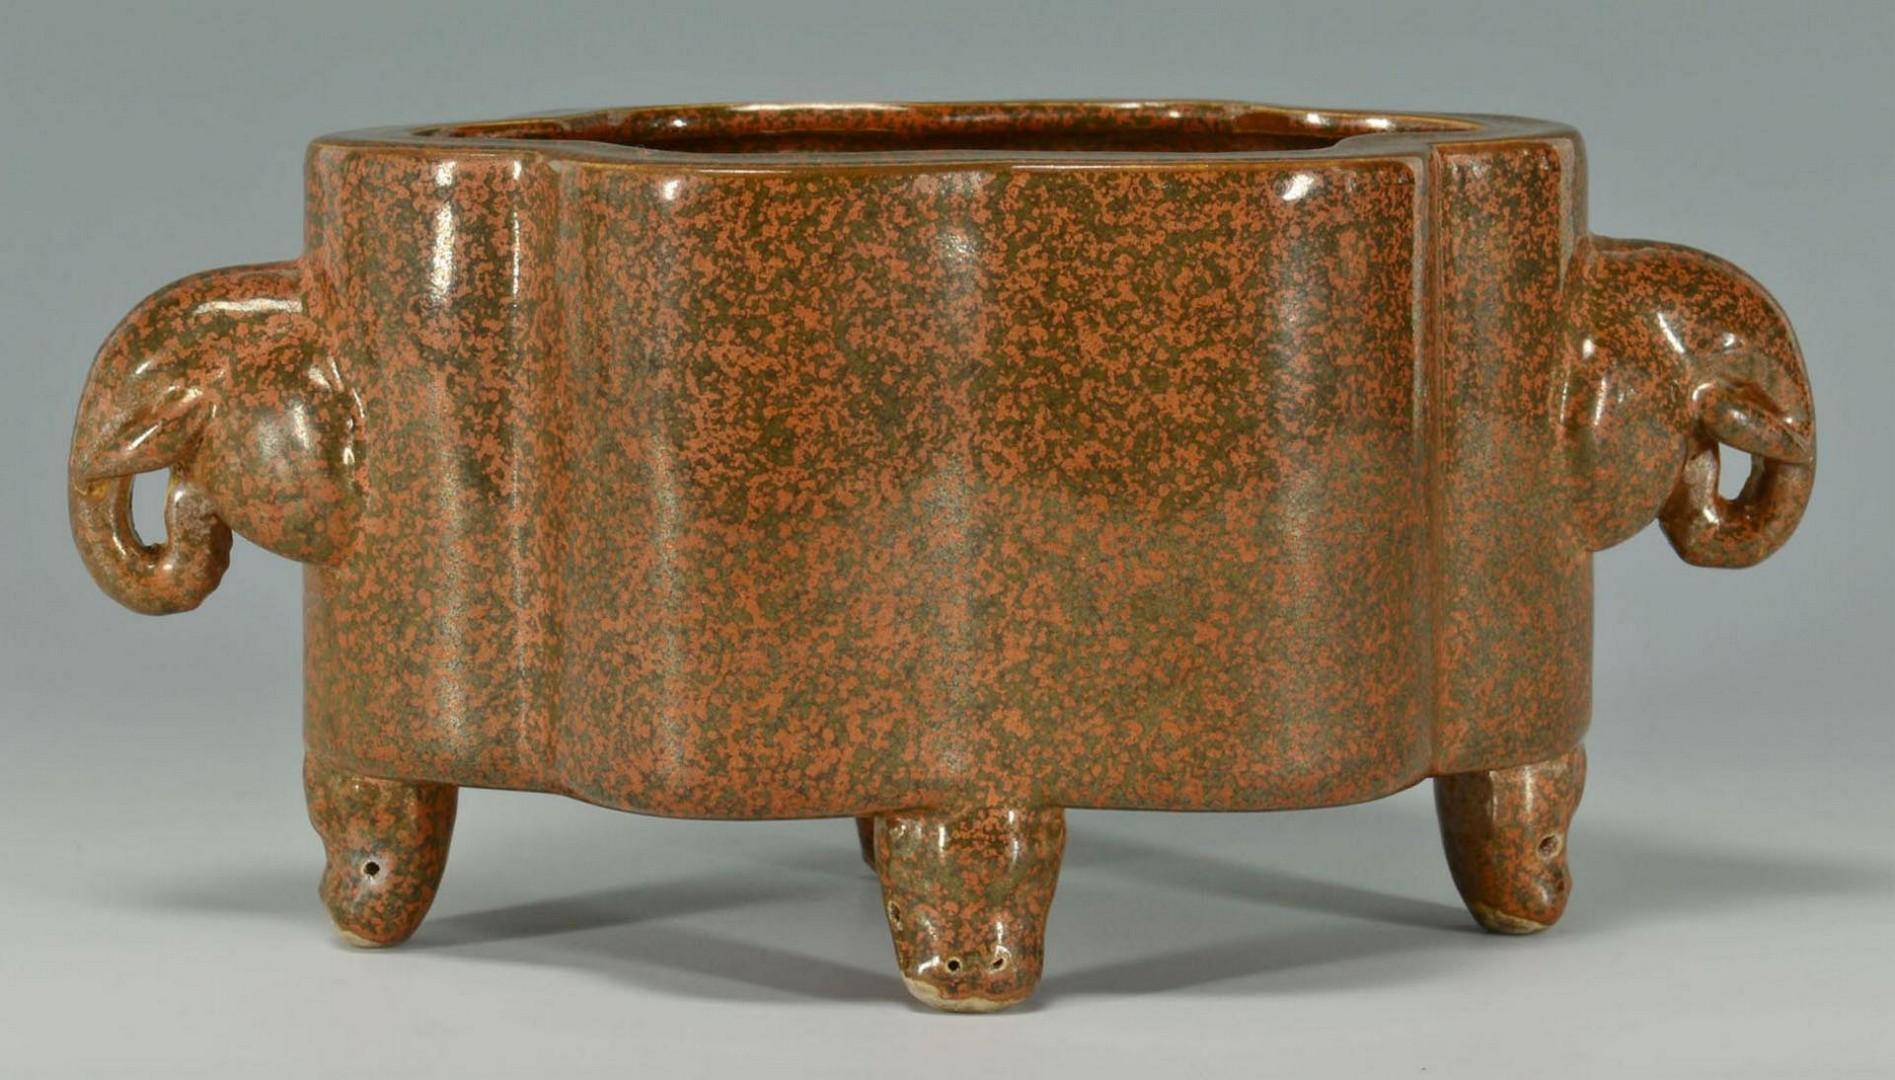 Lot 3383239: Chinese Bulb Bowl & Pair Claire de Lune Vases